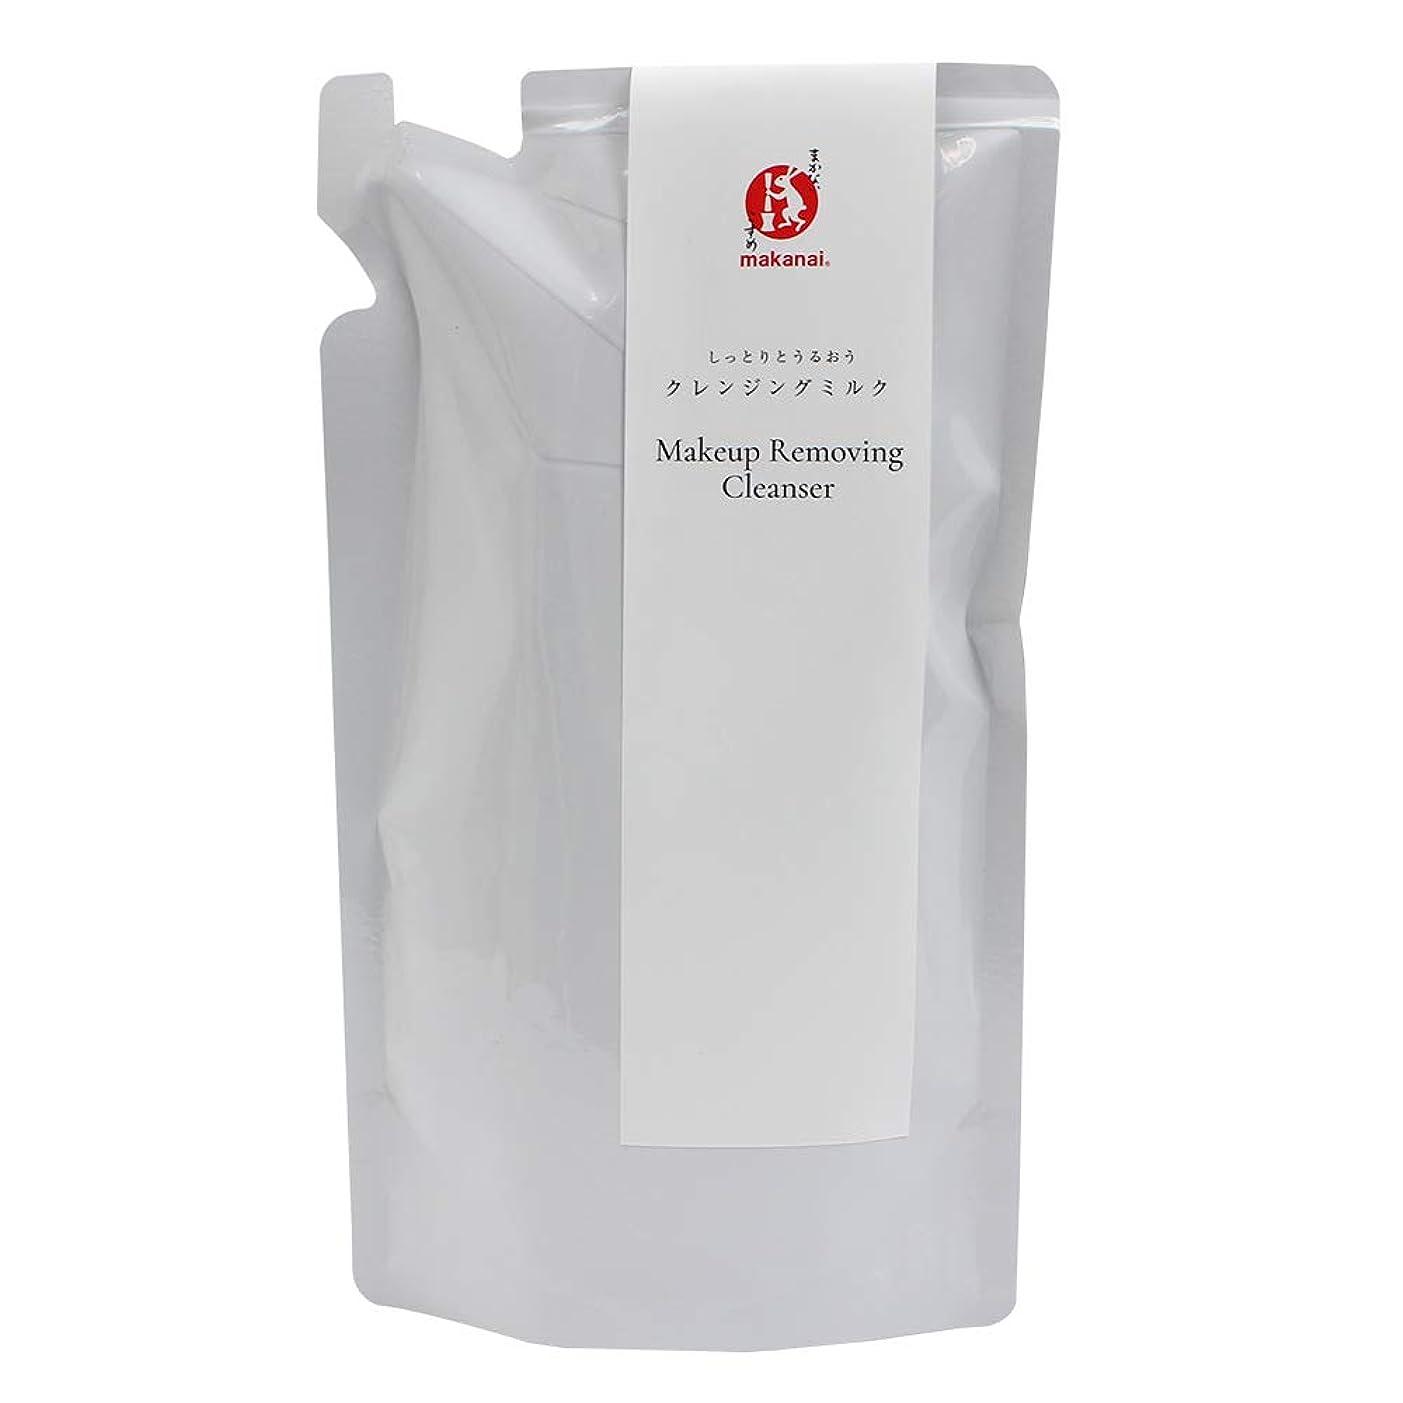 イタリアの透けるボードまかないこすめ しっとりとうるおうクレンジングミルク(詰め替え用) 140ml